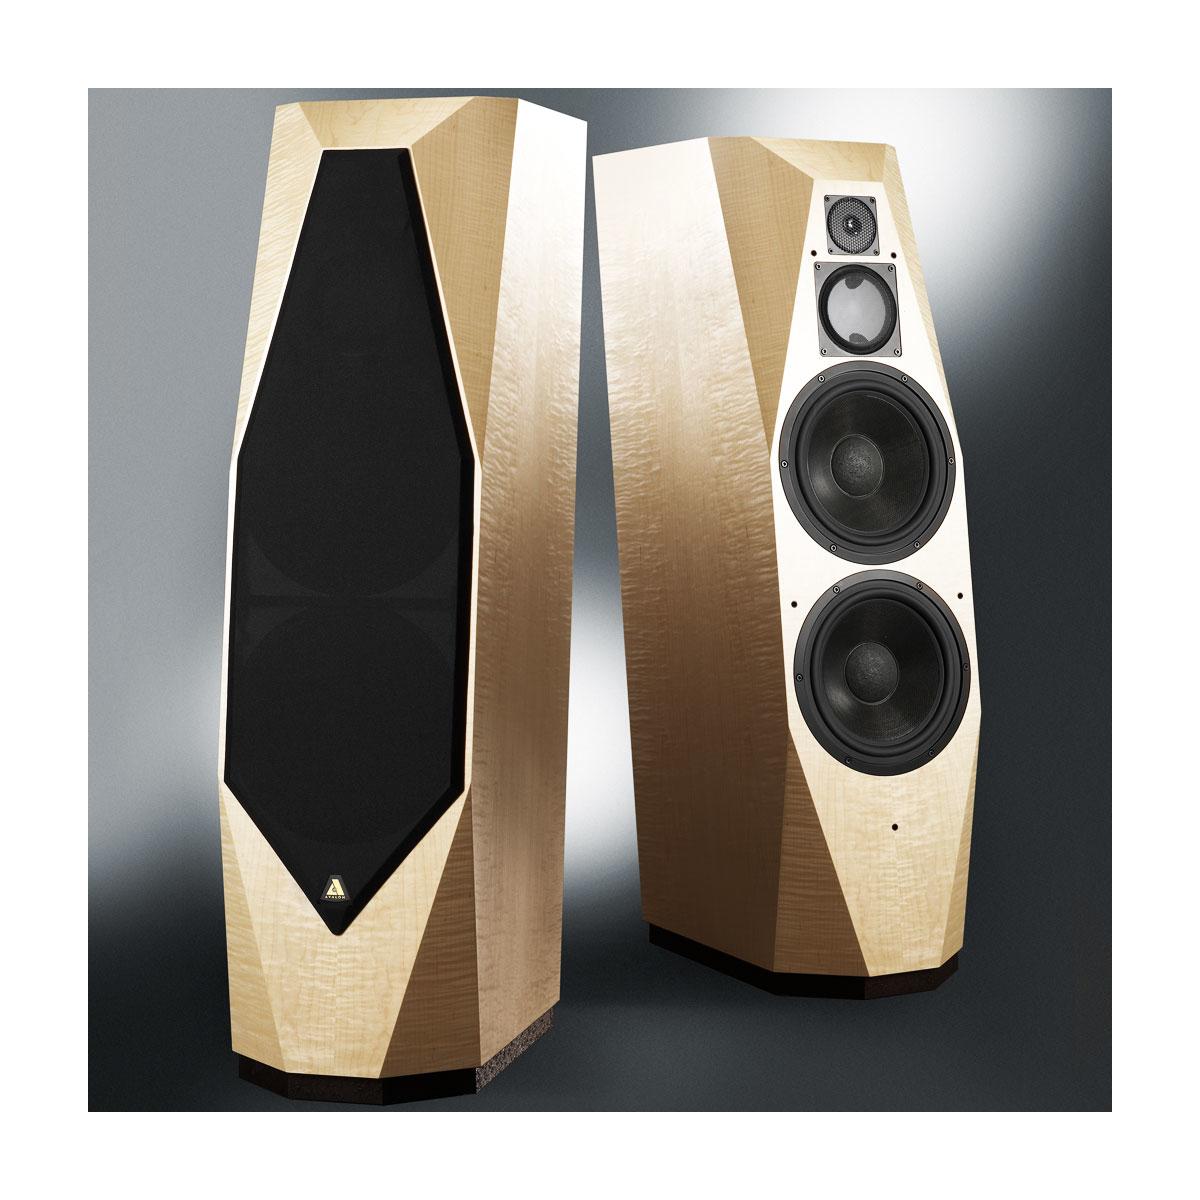 Avalon Acoustics Time Walnut 販売価格お問い合わせください。 アヴァロン スピーカーシステム